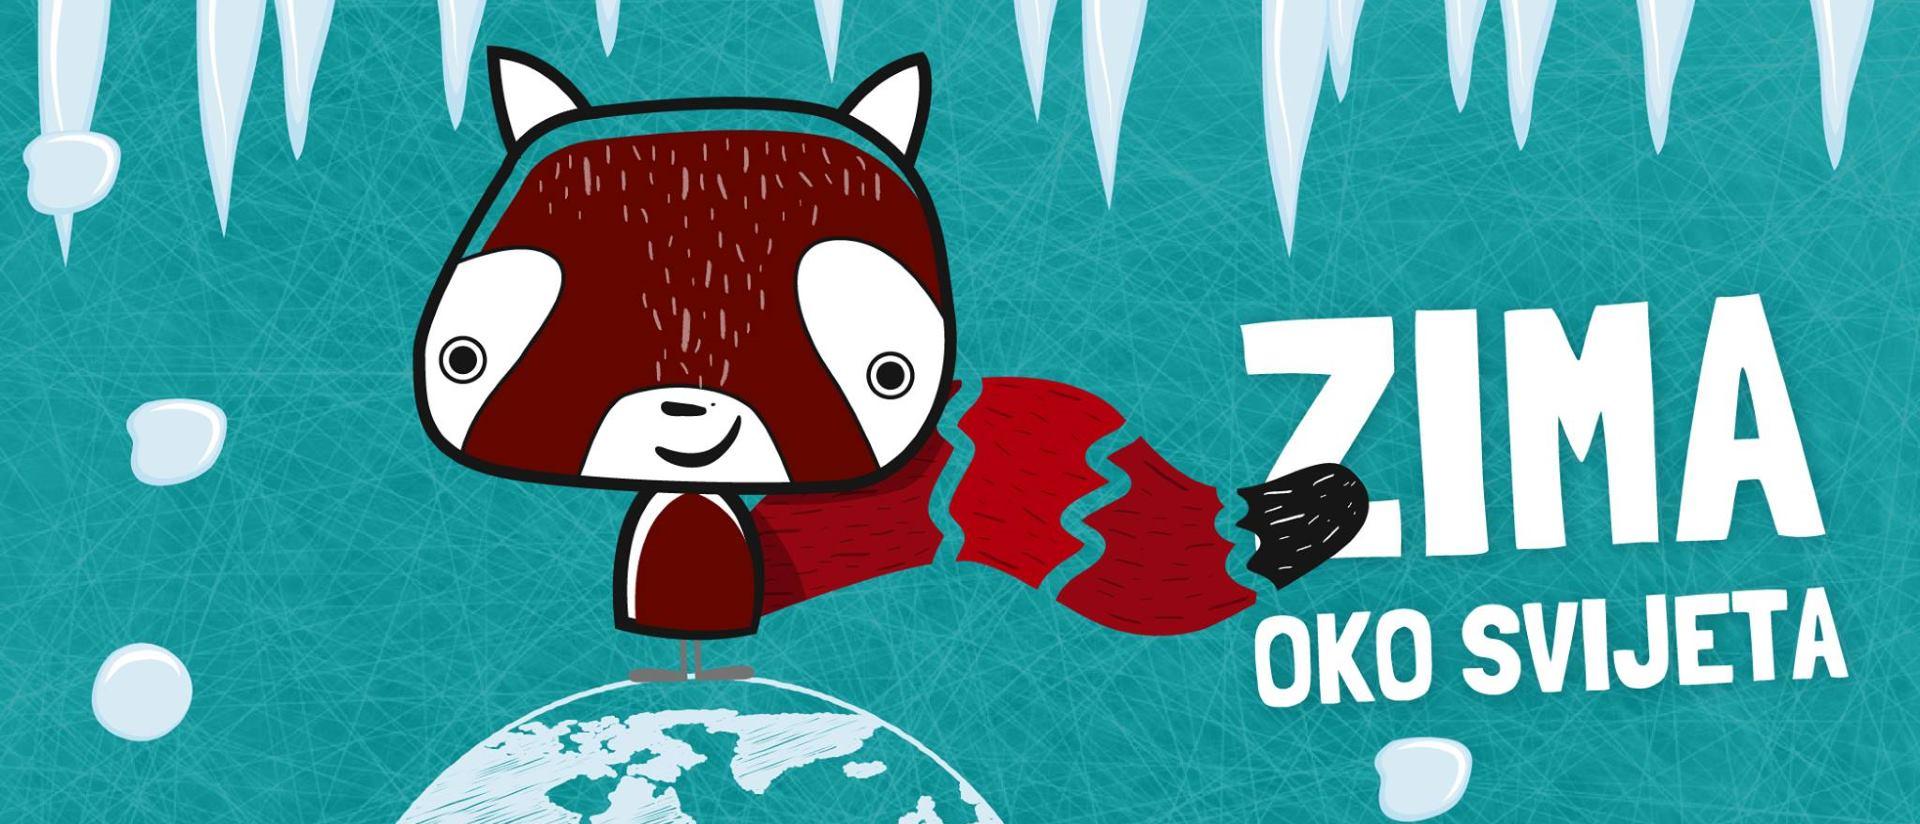 FOTO: Zoološki vrt grada Zagreba vas poziva na poseban program 'Zima oko svijeta'